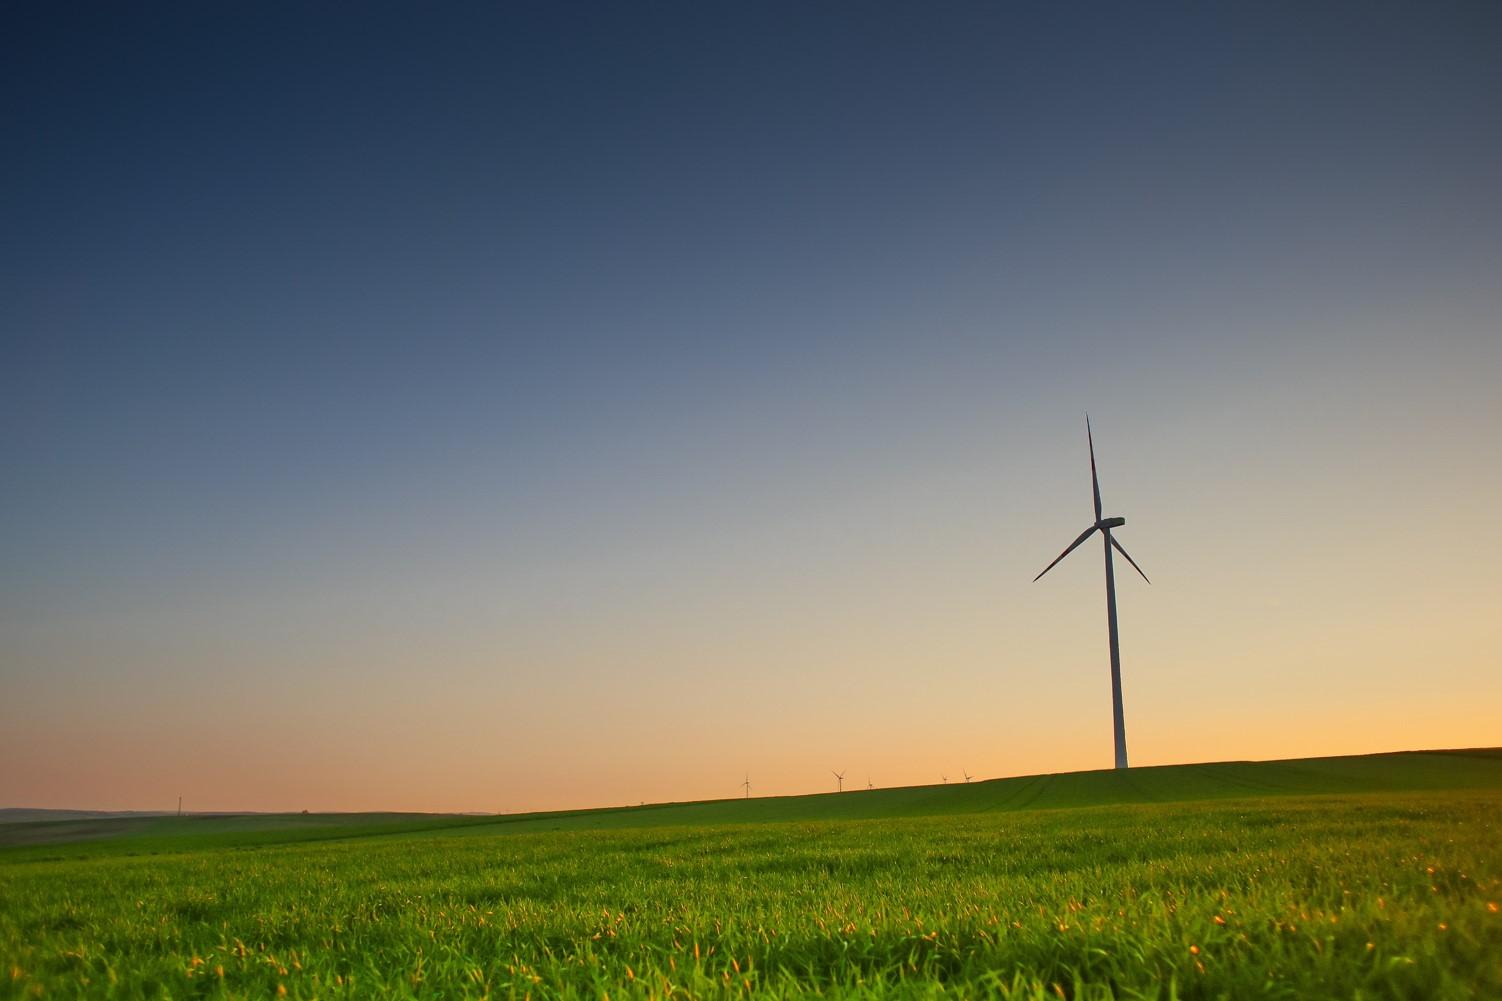 Zielona energia 2040: wydarzenie online dla polskich i norweskich firm nt. współpracy w obszarze zielonej energii, 22 kwietnia